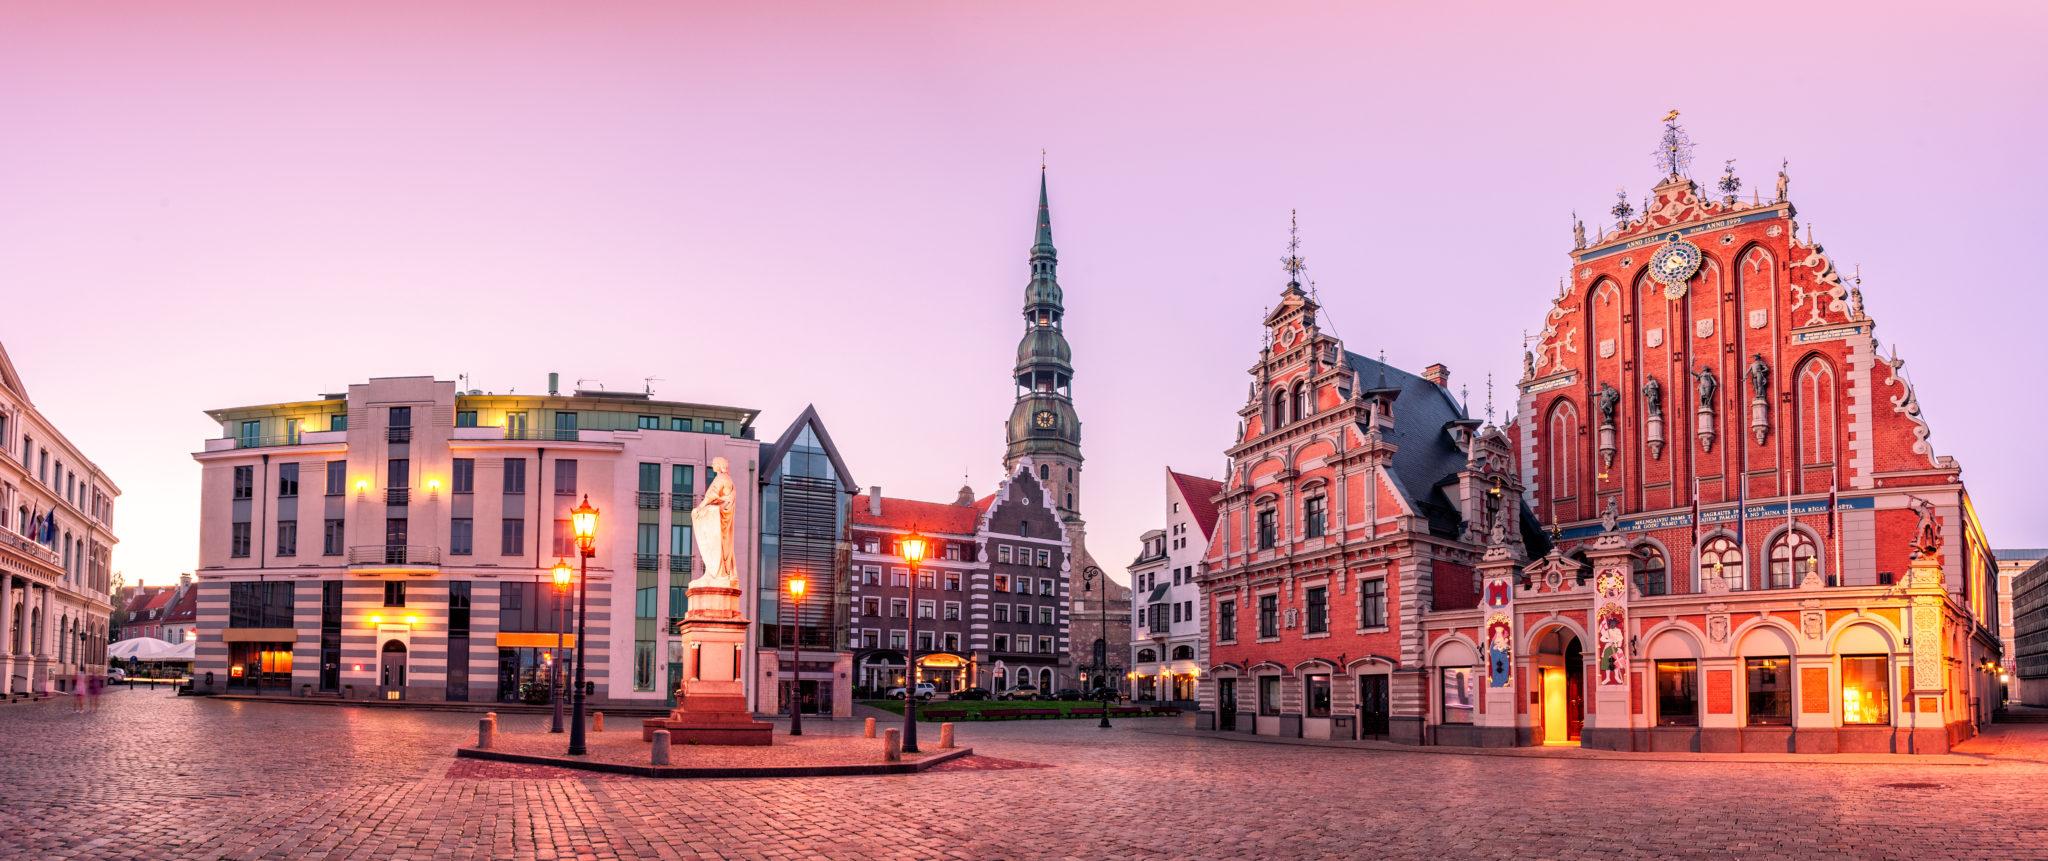 Der Rathausplatz von Riga